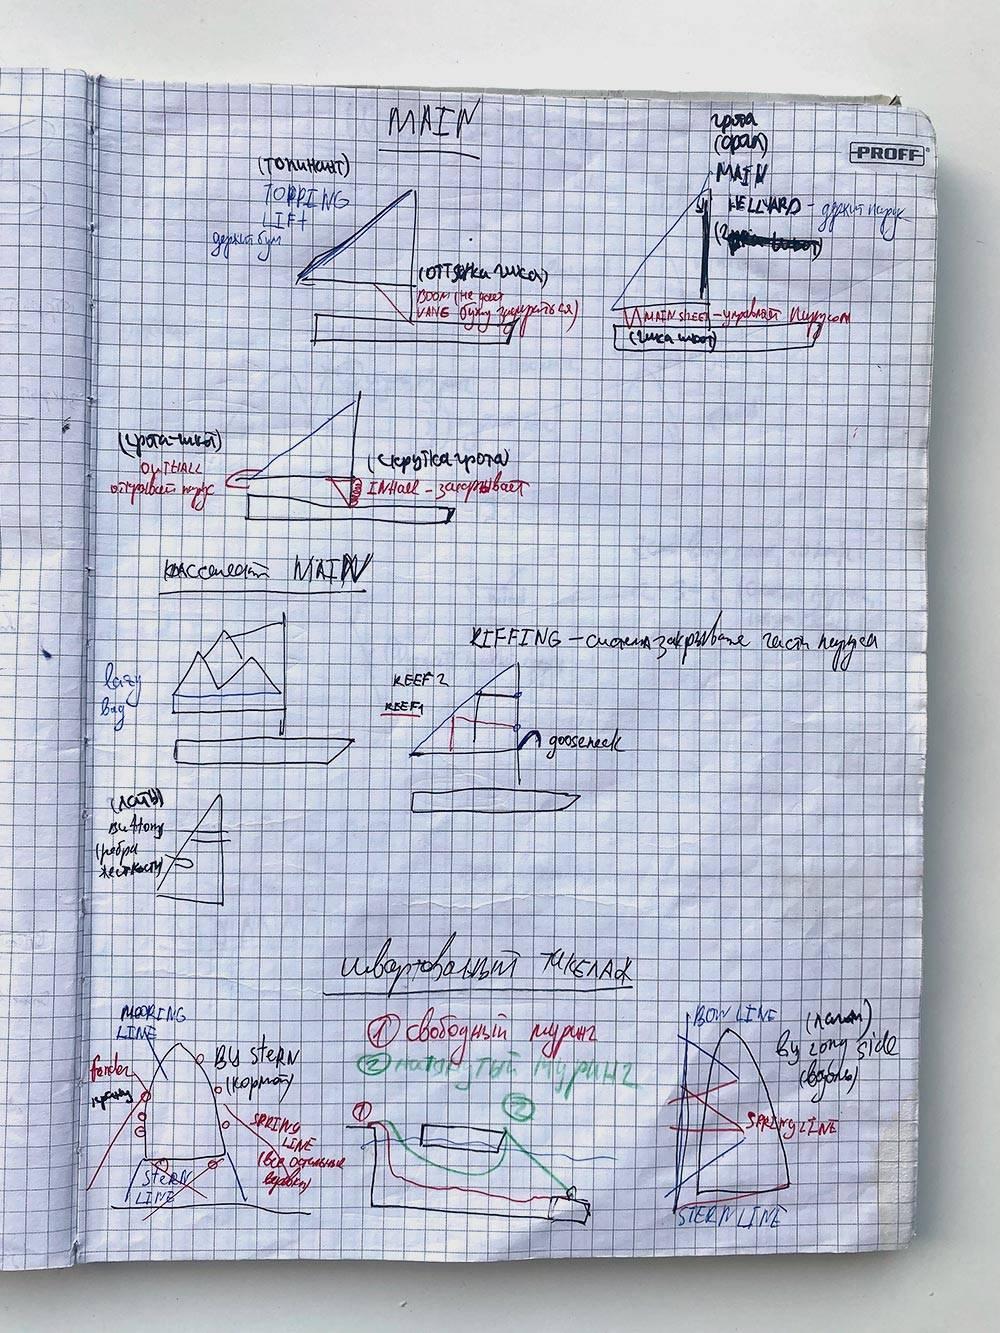 Моя тетрадка с лекциями, записанными кривым почерком, заменяет все учебники. Повсюду ее вожу и боюсь потерять, даже думаю отсканировать. С2015 она хранит все, что мне нужно: каждый год перечитываю конспекты передпервой швартовкой, якорением или открытием парусов. Внизу страницы — схемы дляшвартовки